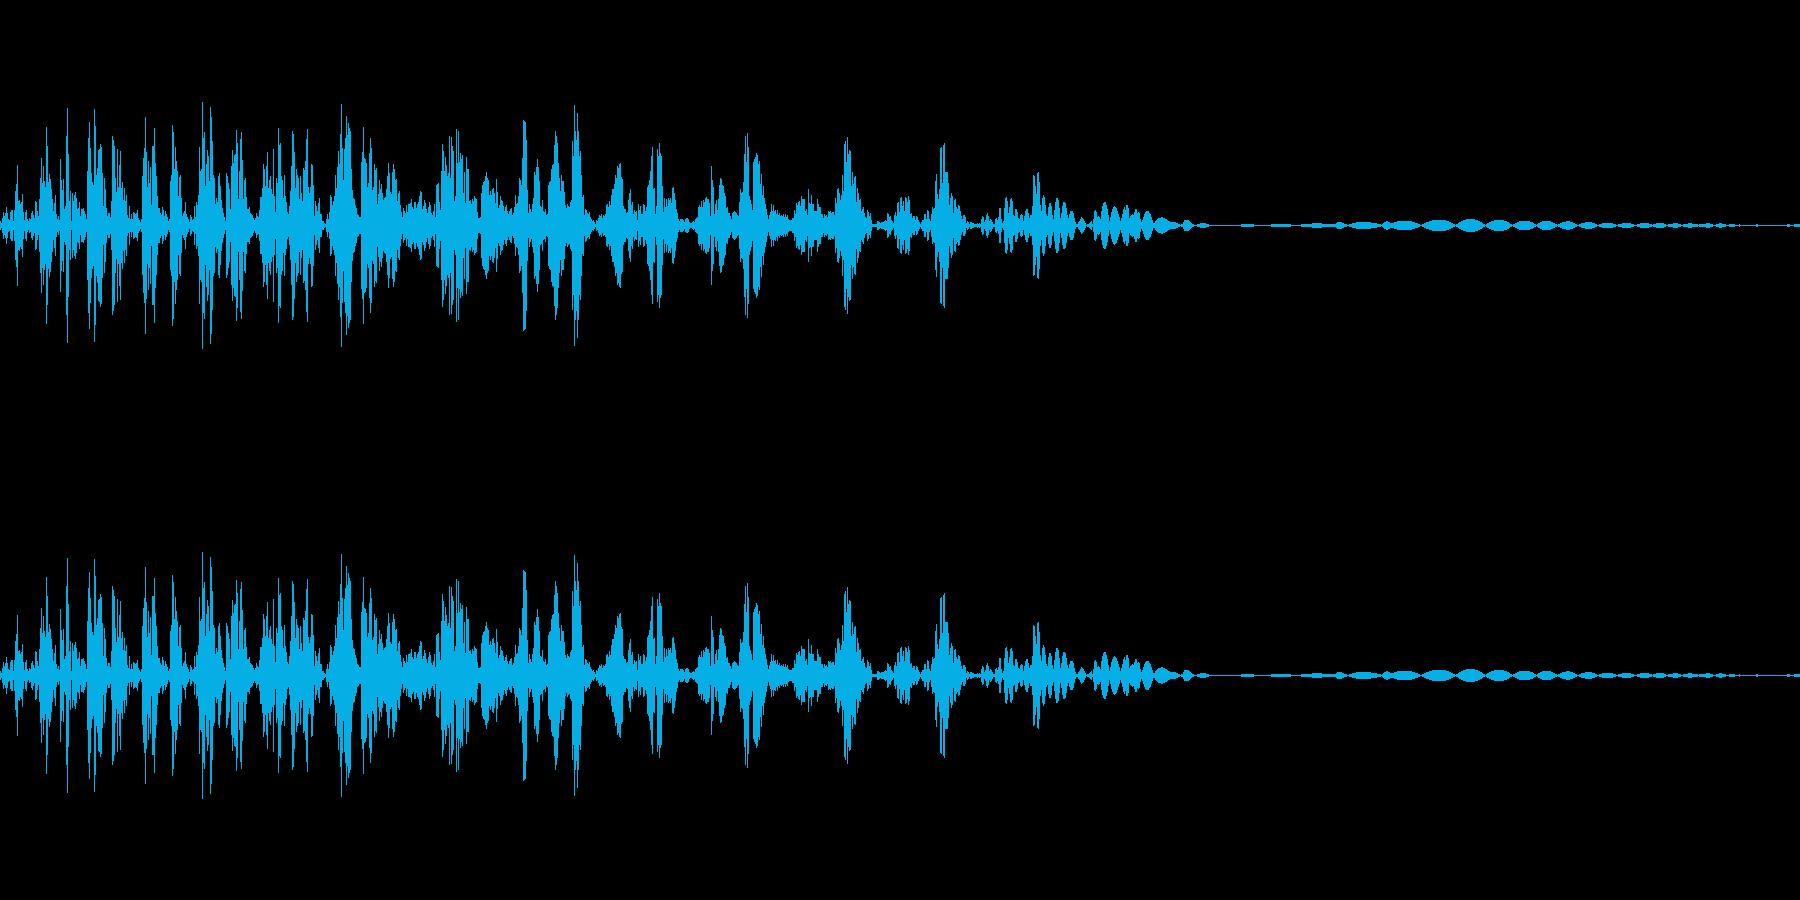 マイナス効果の魔法の効果音イメージ1の再生済みの波形